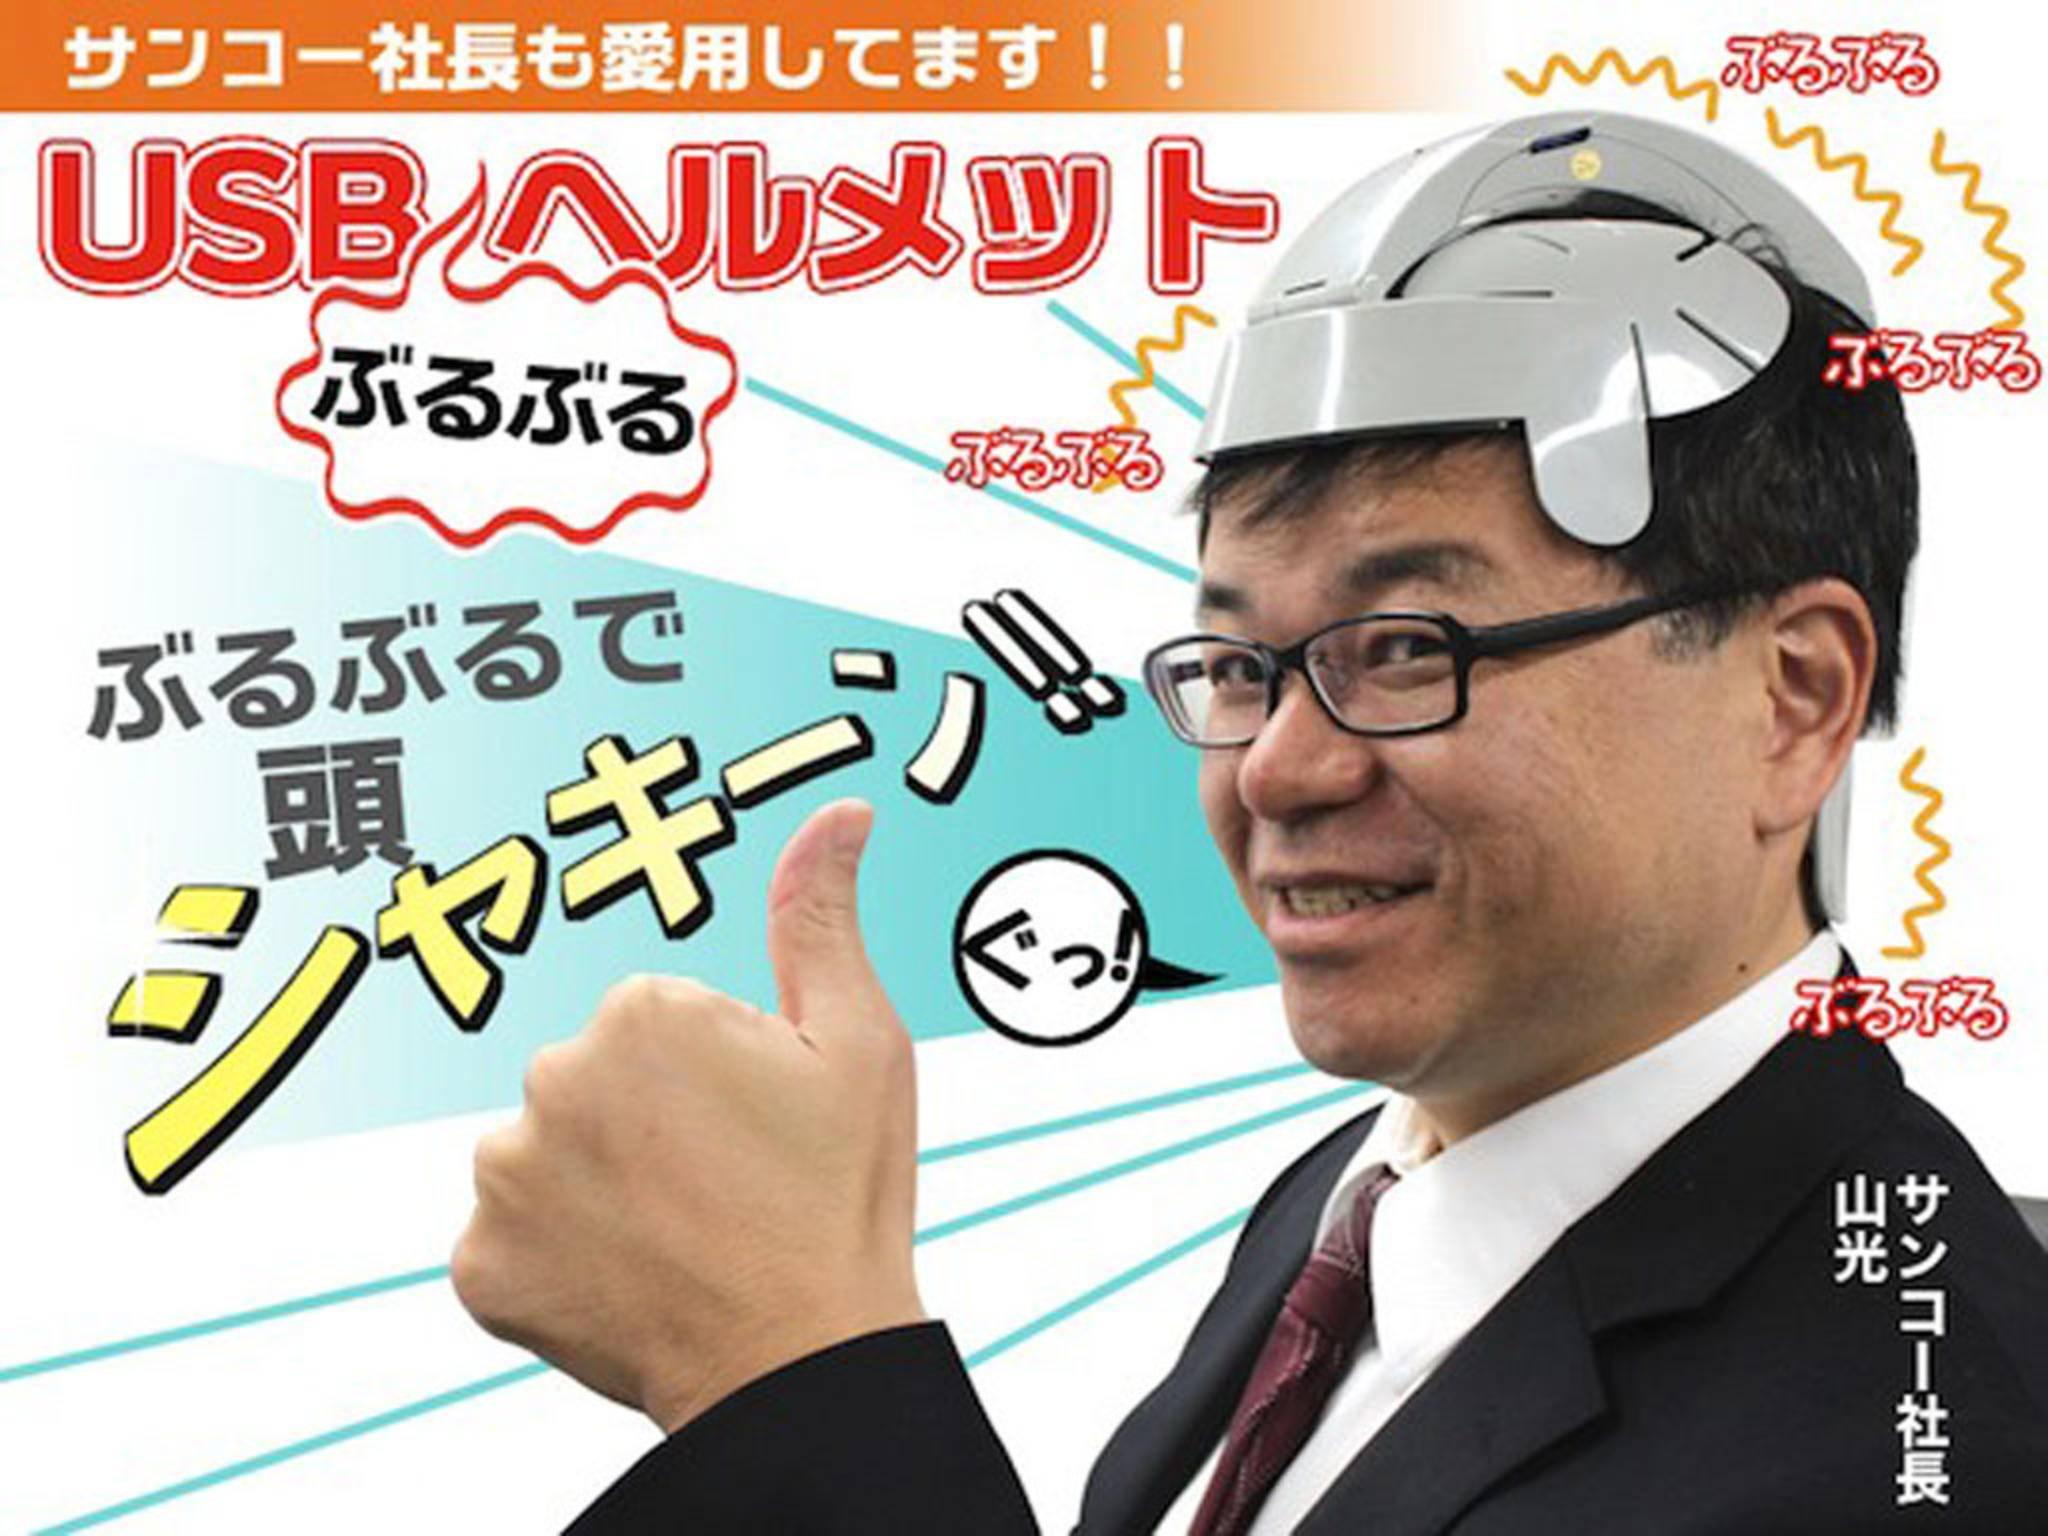 Der Helm bietet eine sanfte Kopfmassage. Sieht aber schon komisch aus ...